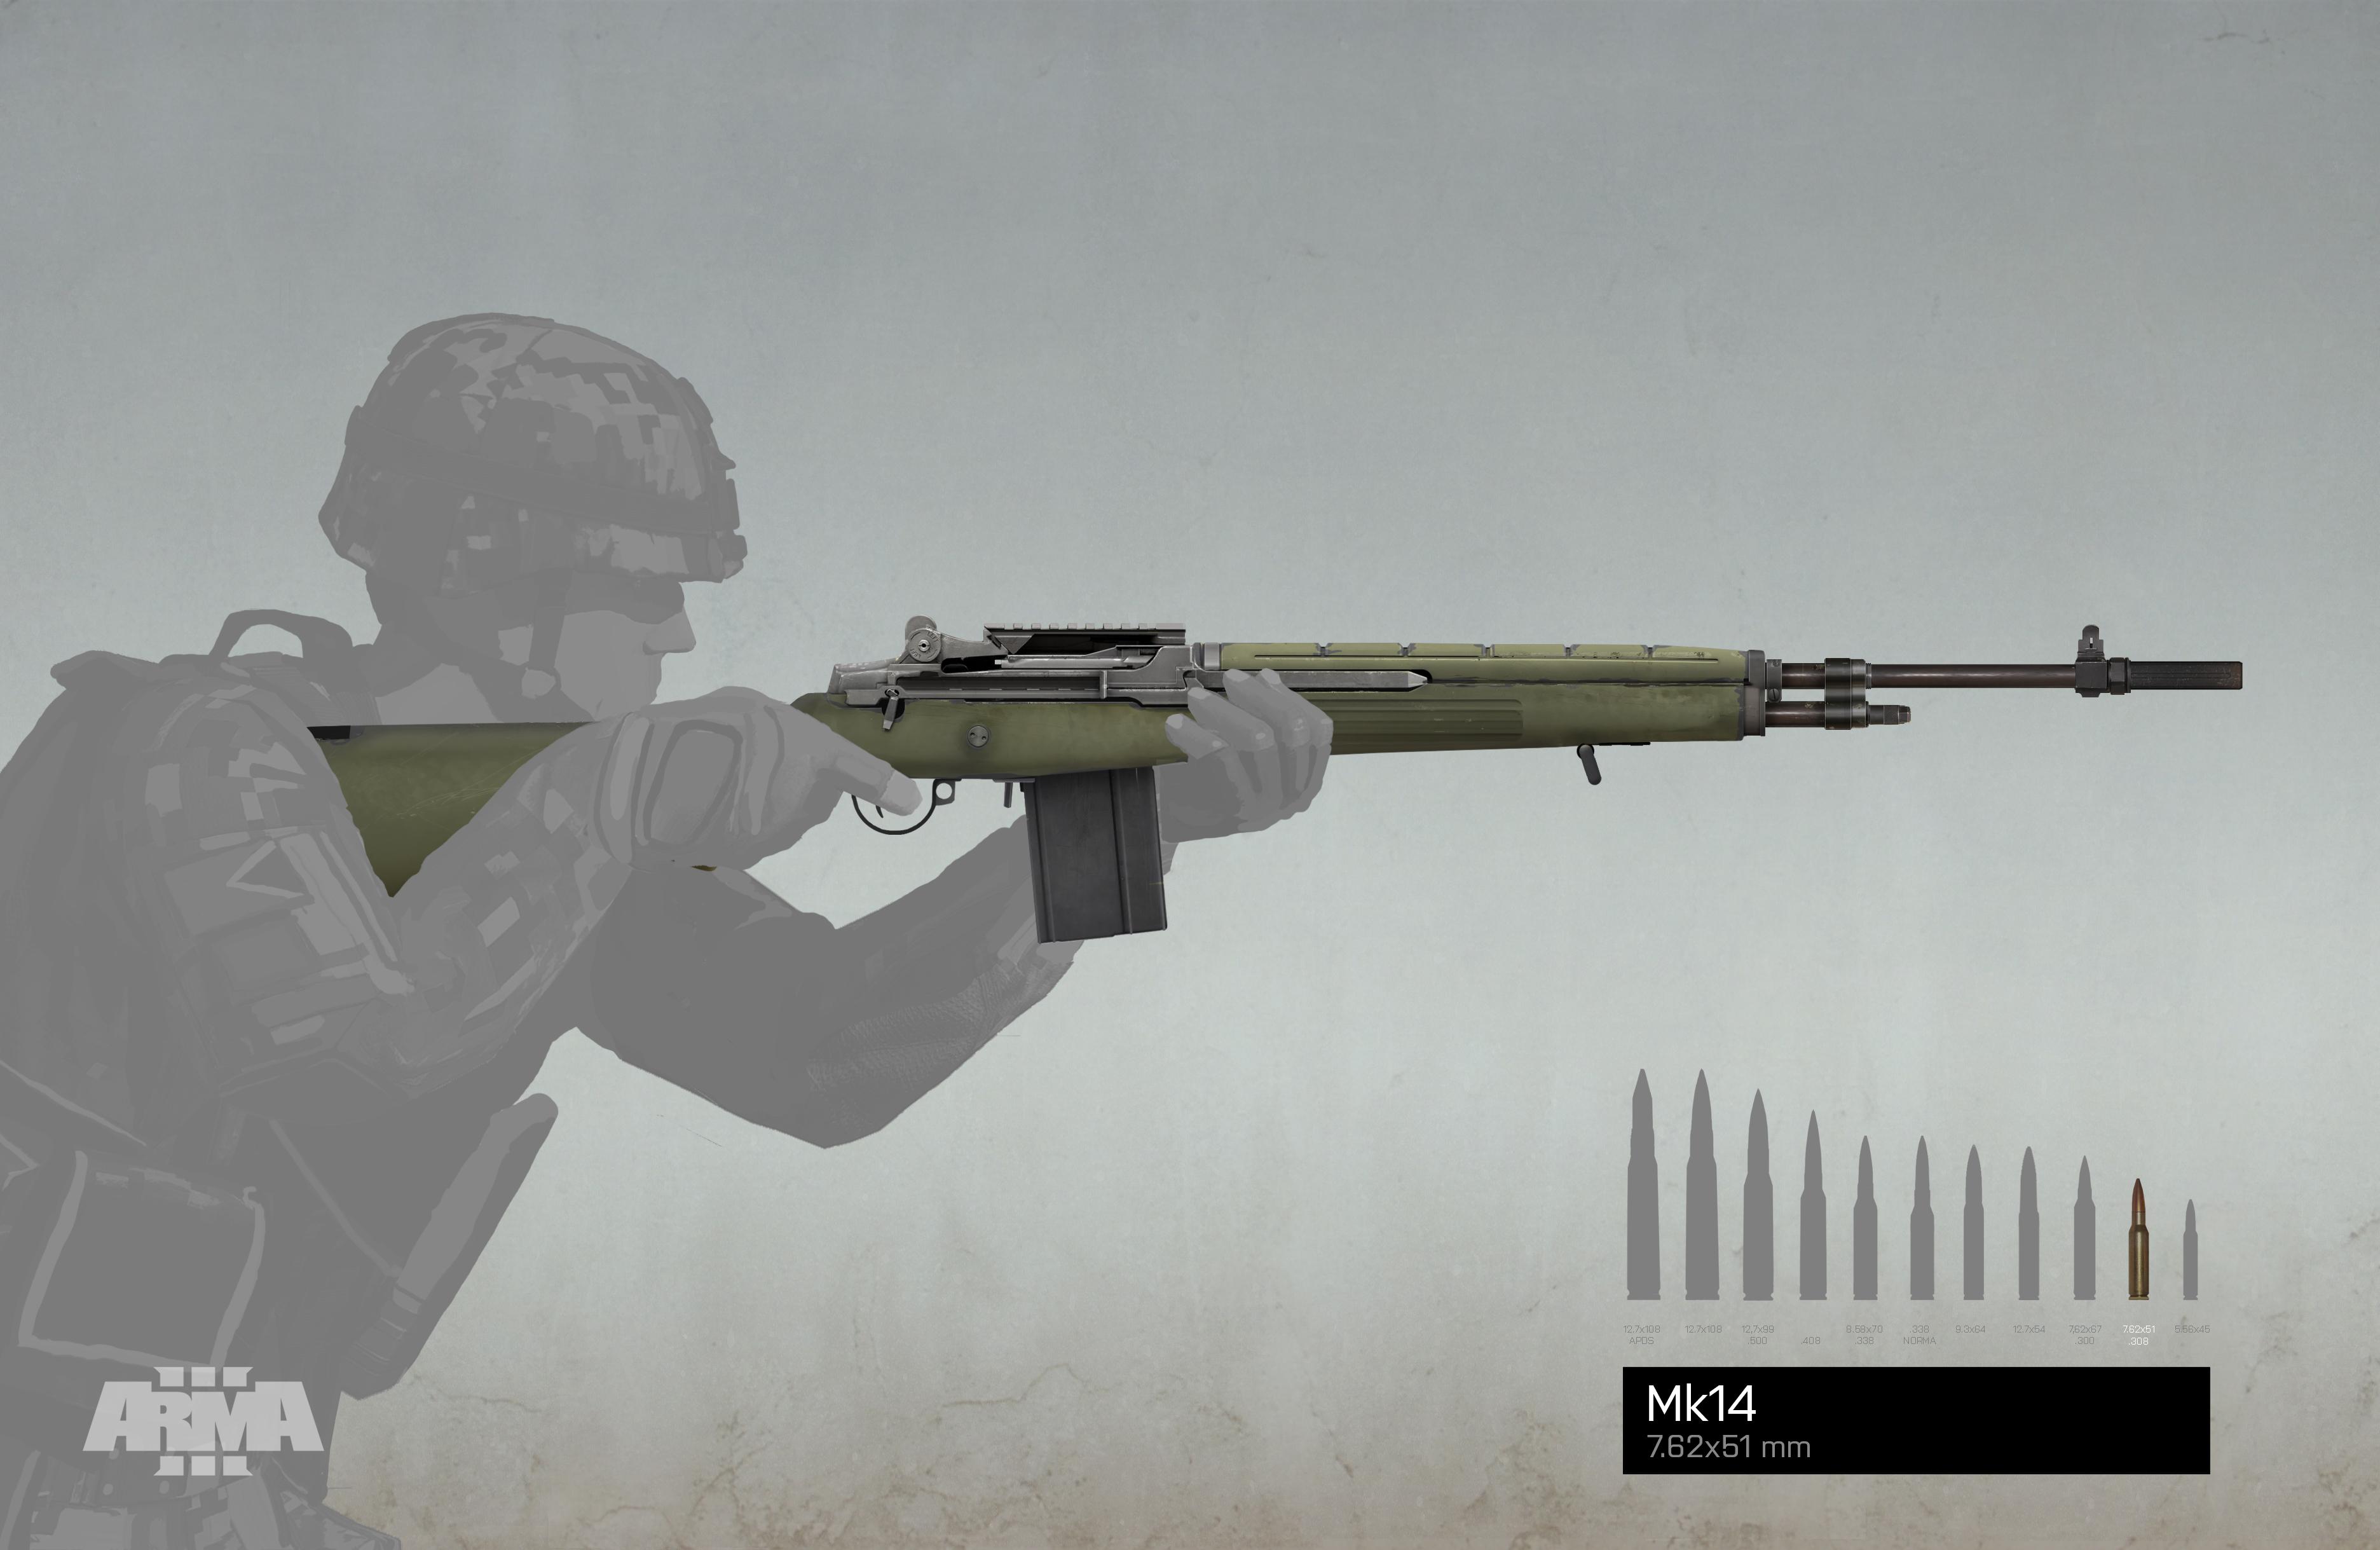 07_arma_marksmen_Mk14_G4jVnY7i.jpg